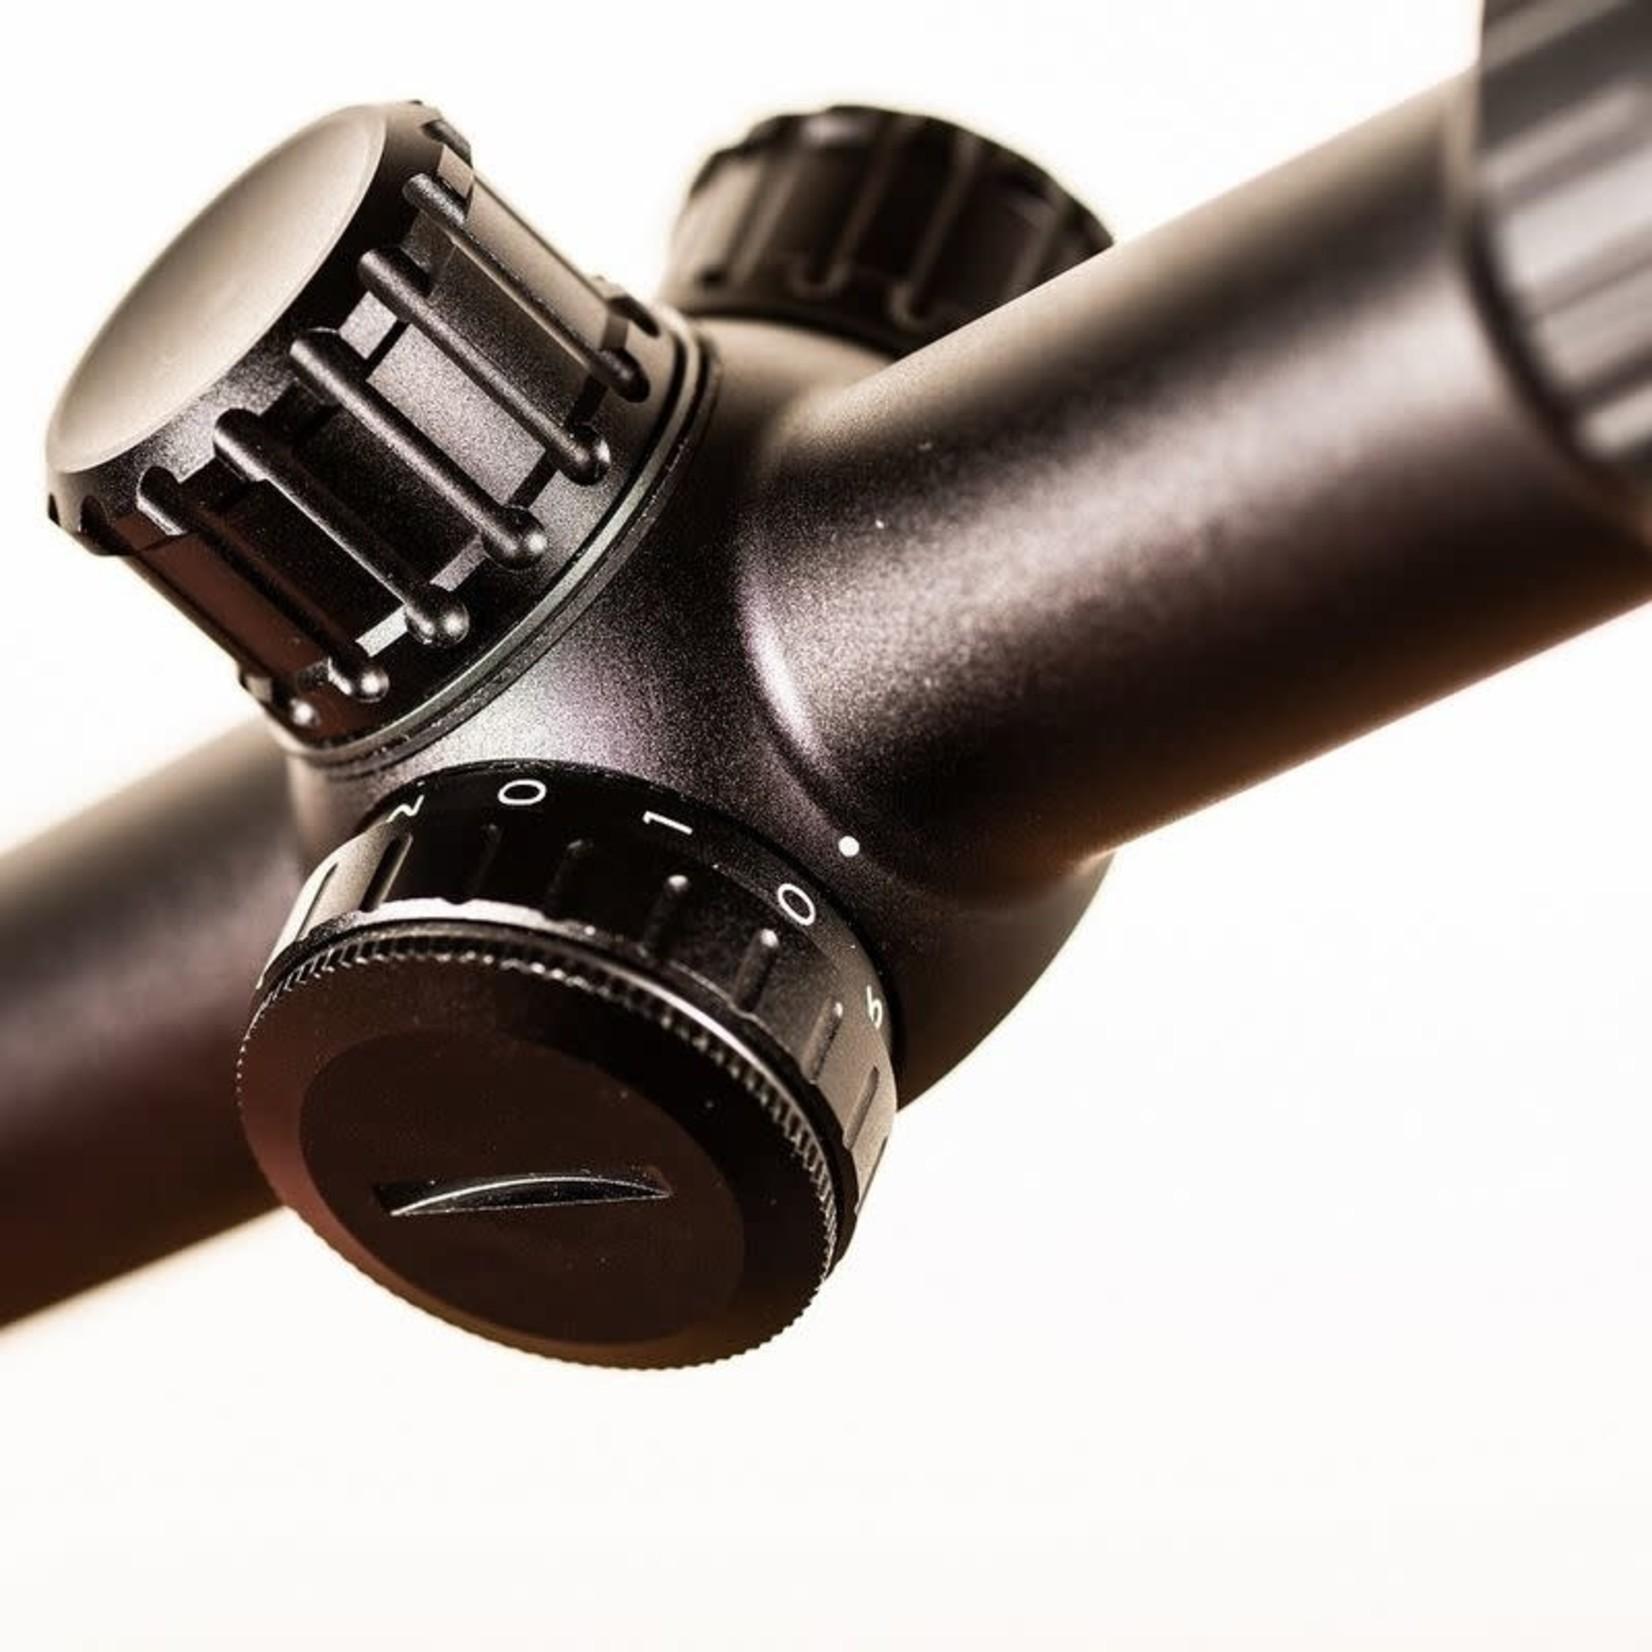 """Bushnell 3-9x40 Prime Black, Illuminated Multi-X Reticle, 1"""" Tube"""